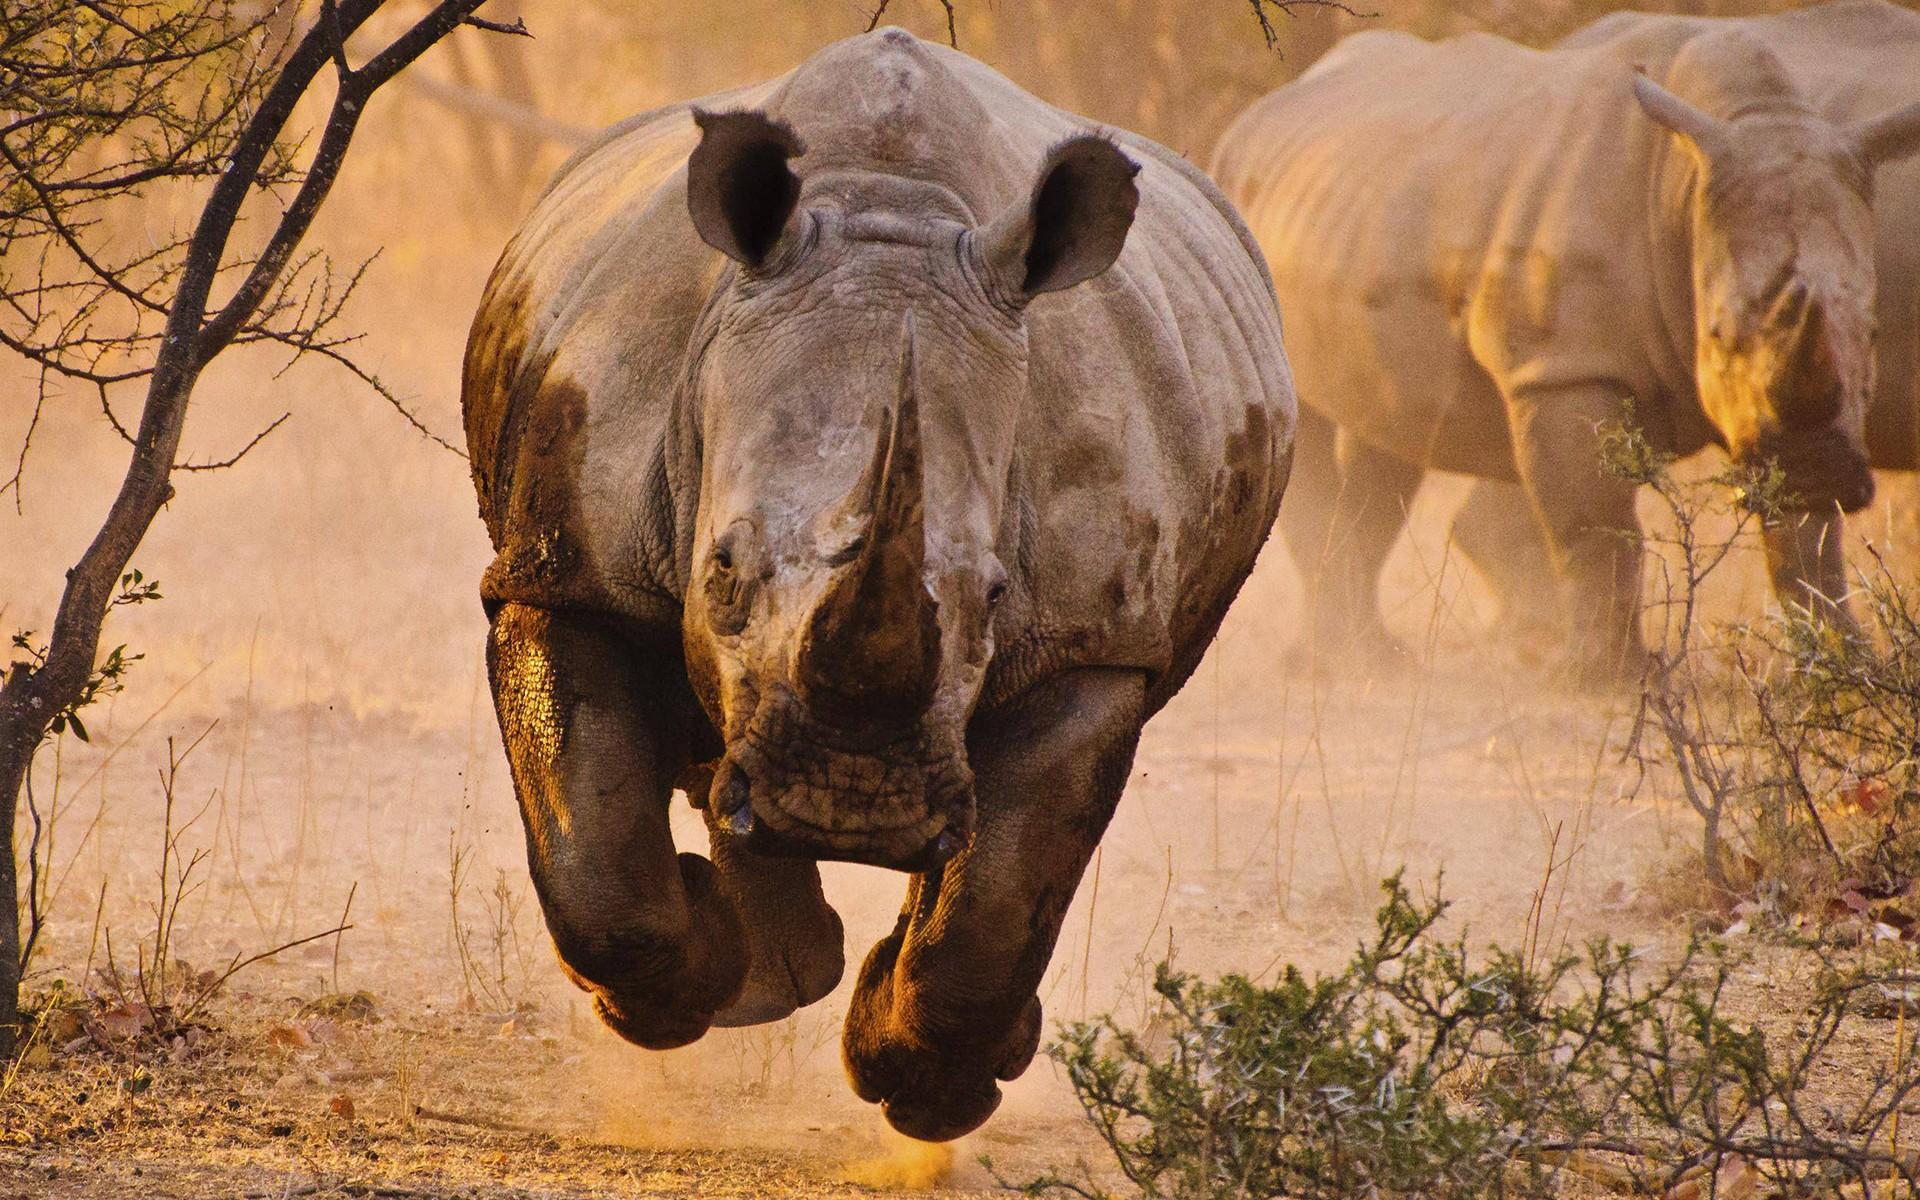 Devenez Un Rhinocéros – Les 5 obstacles de l'entrepreneur